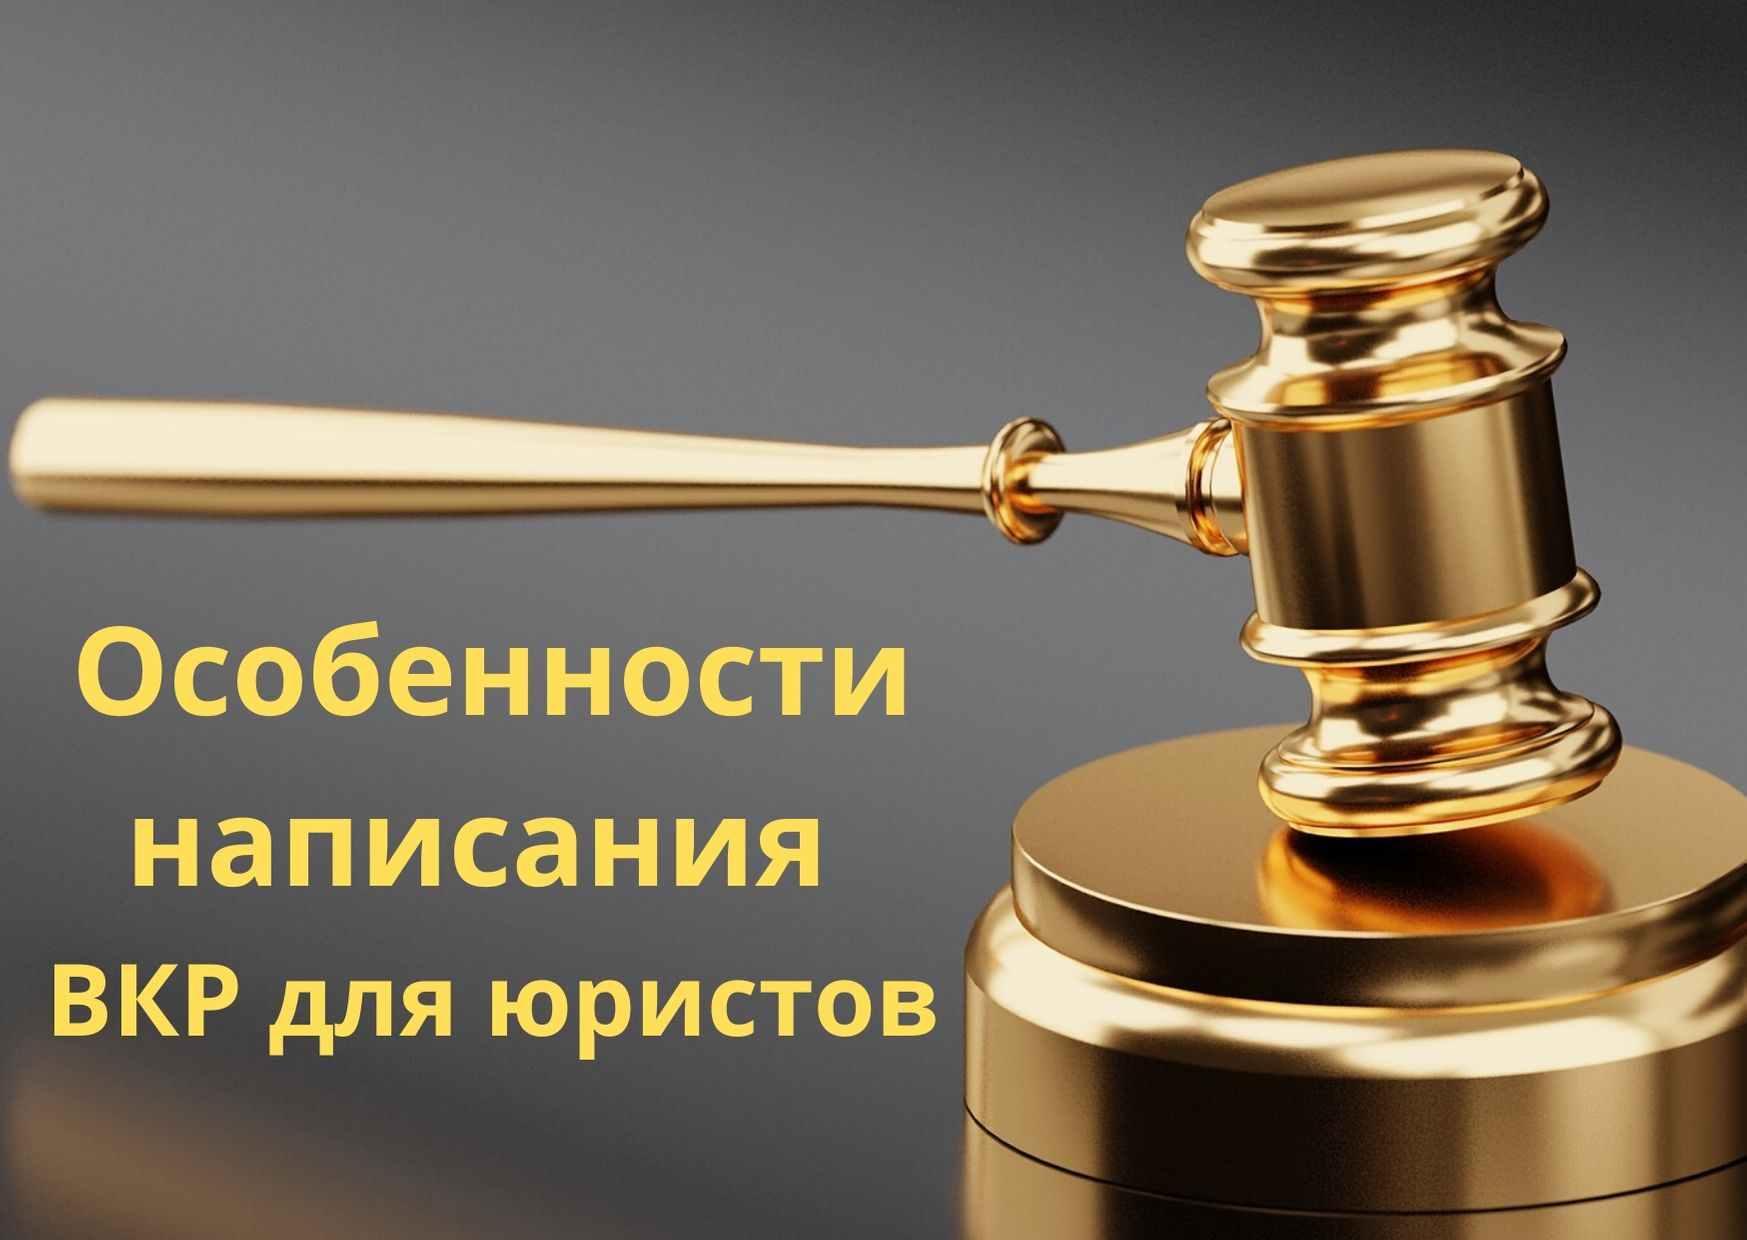 Особенности написания ВКР для юристов